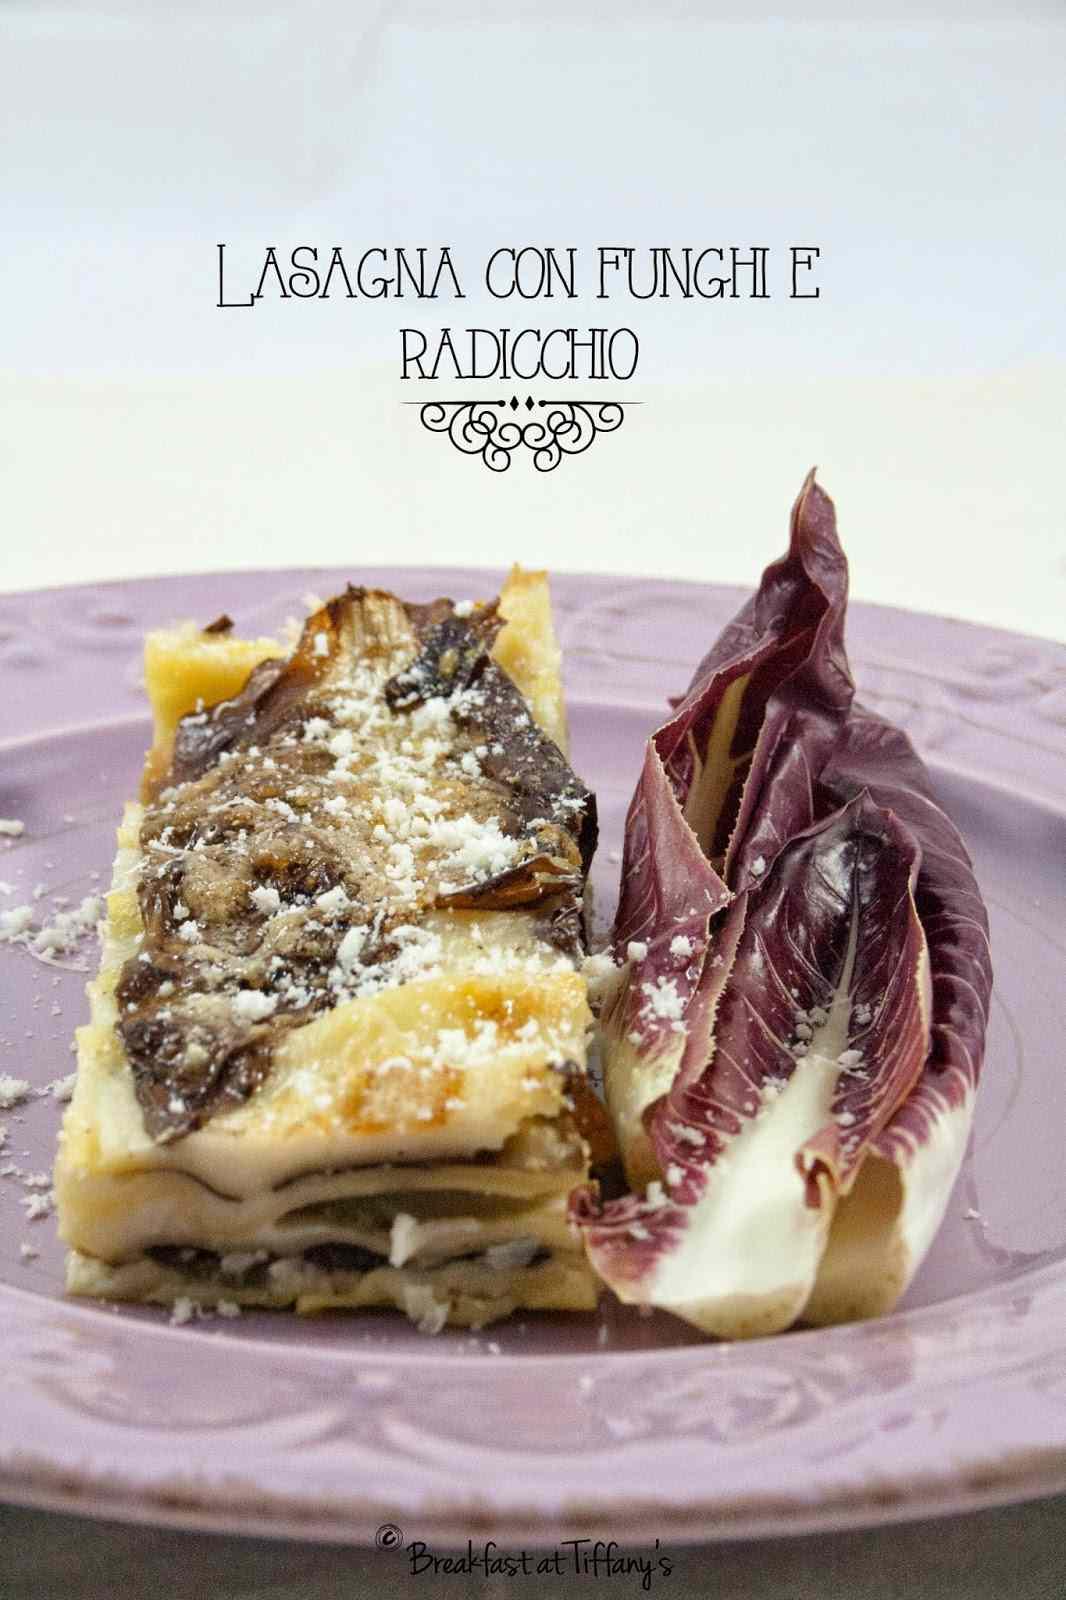 Ricetta: Lasagna con funghi e radicchio / lasagna with mushrooms and radicchio